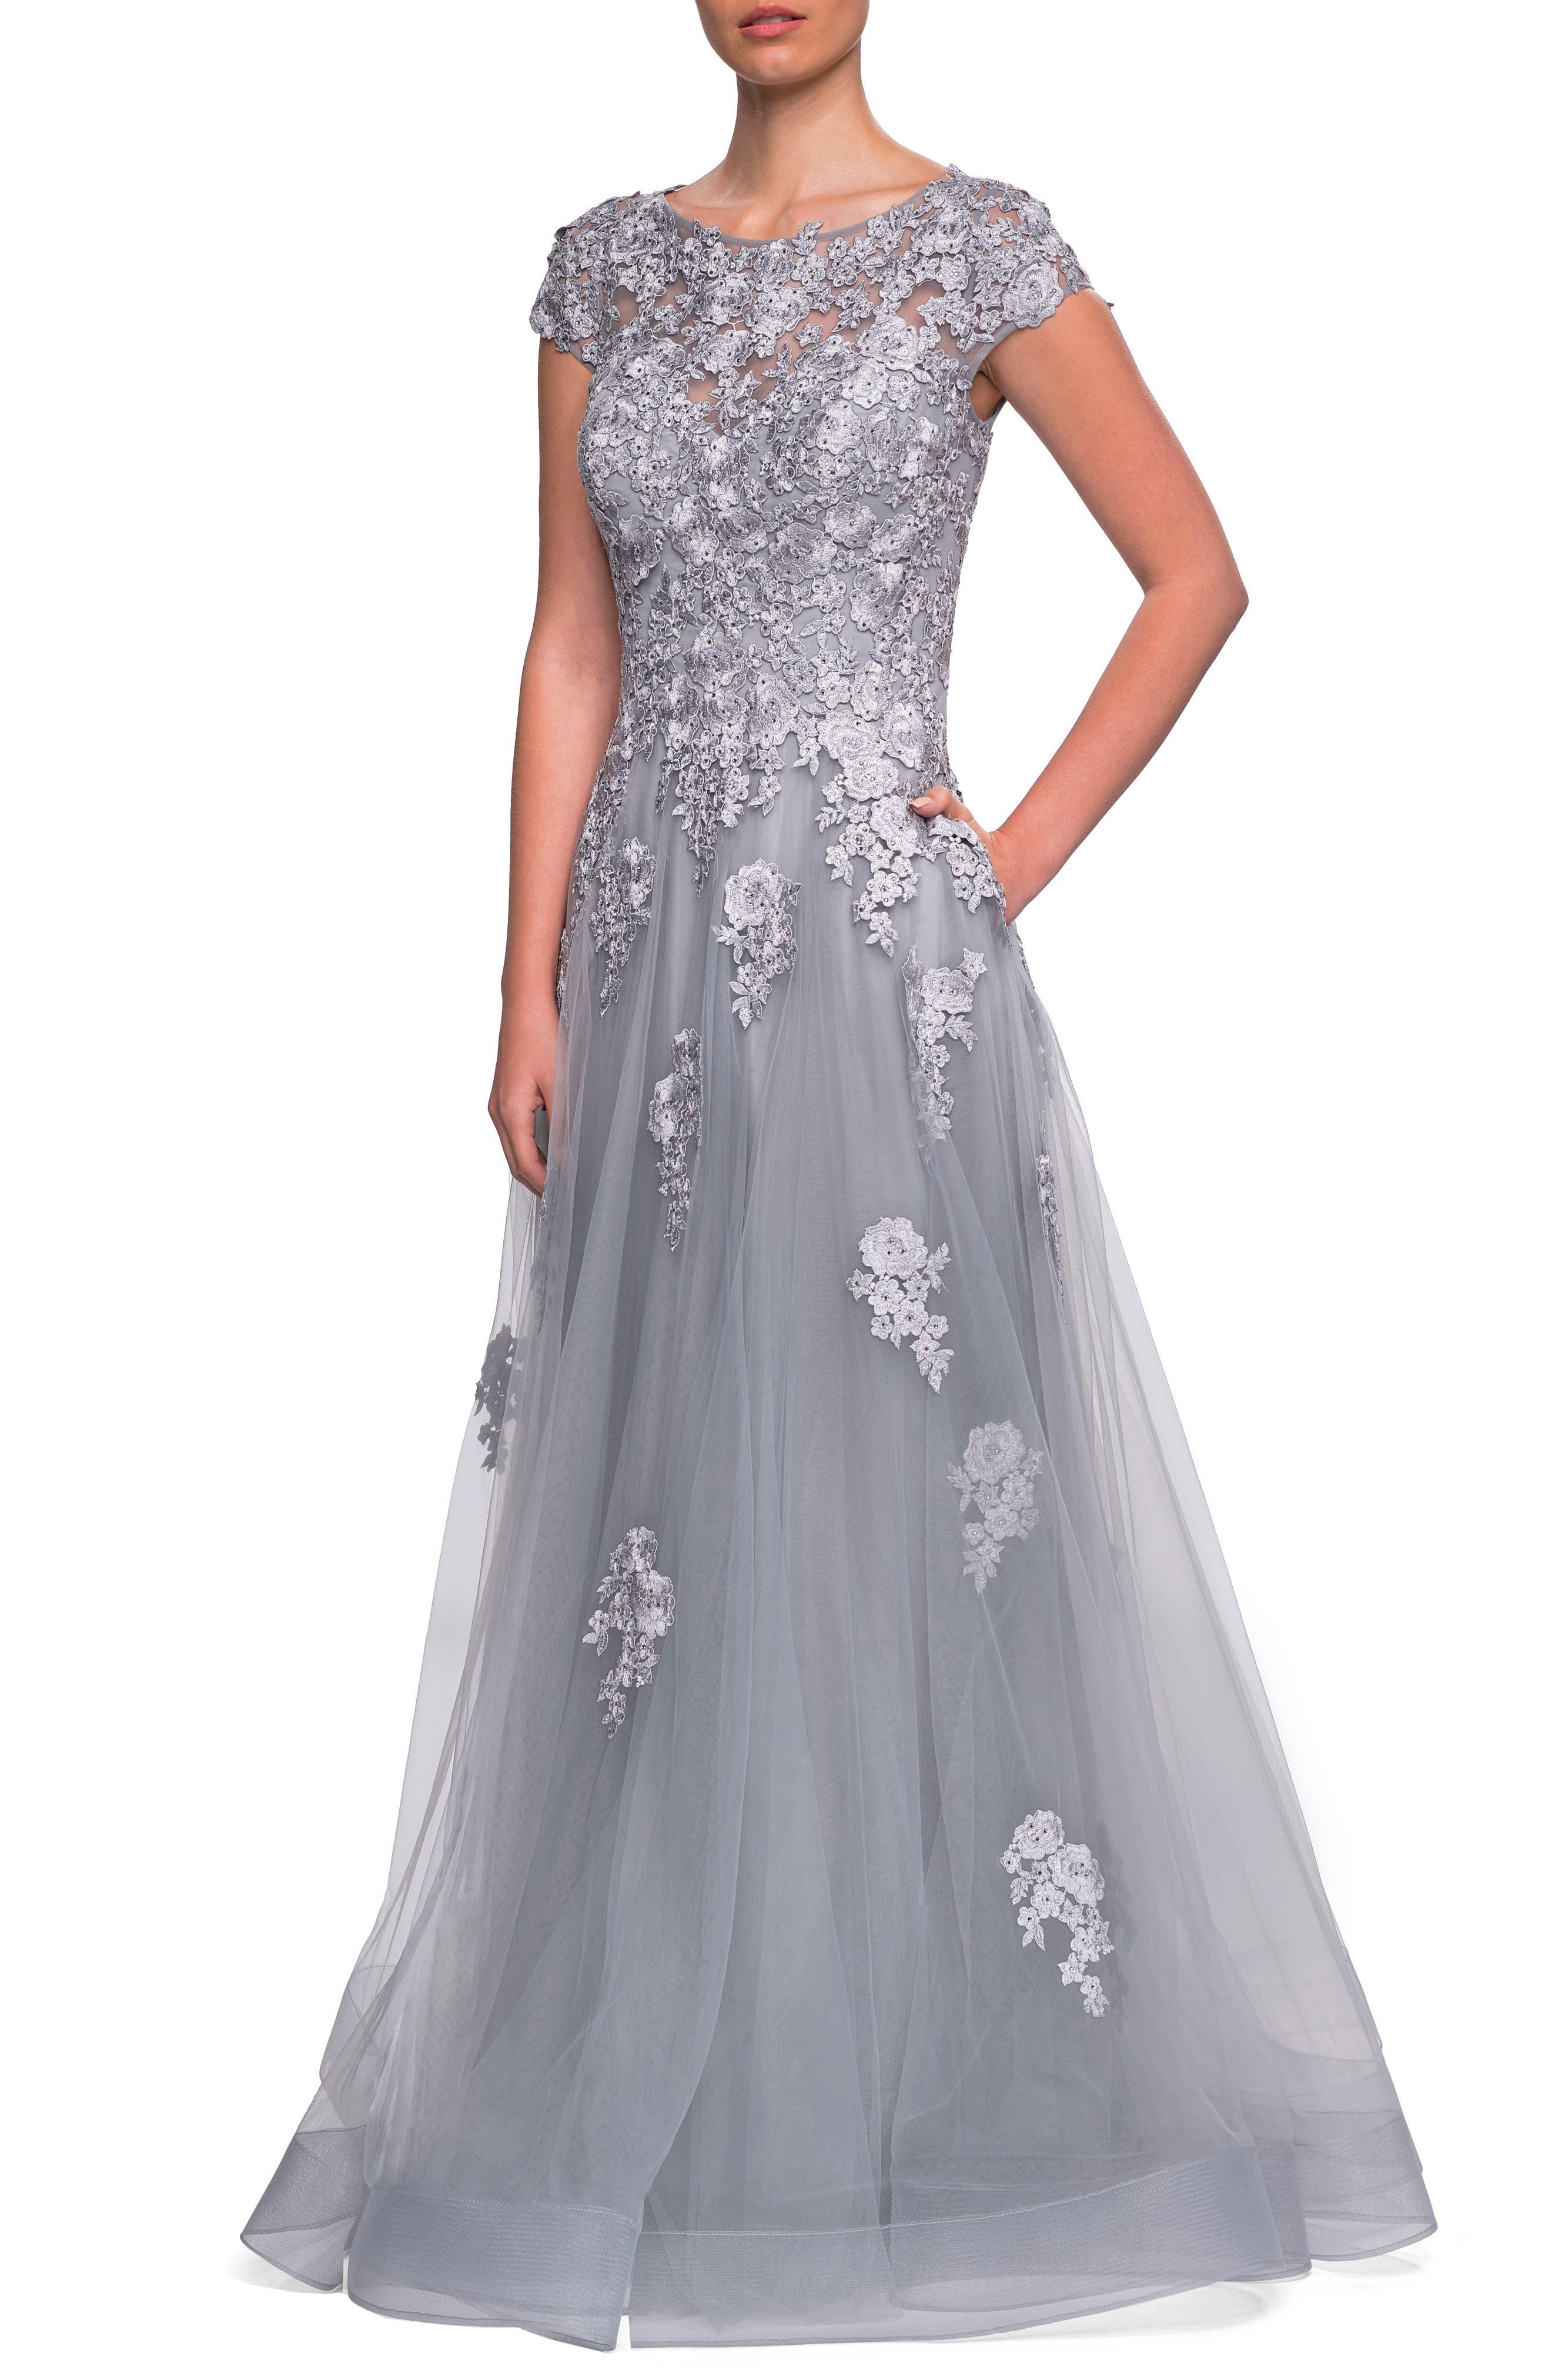 Women's Formal Dresses | Nordstrom